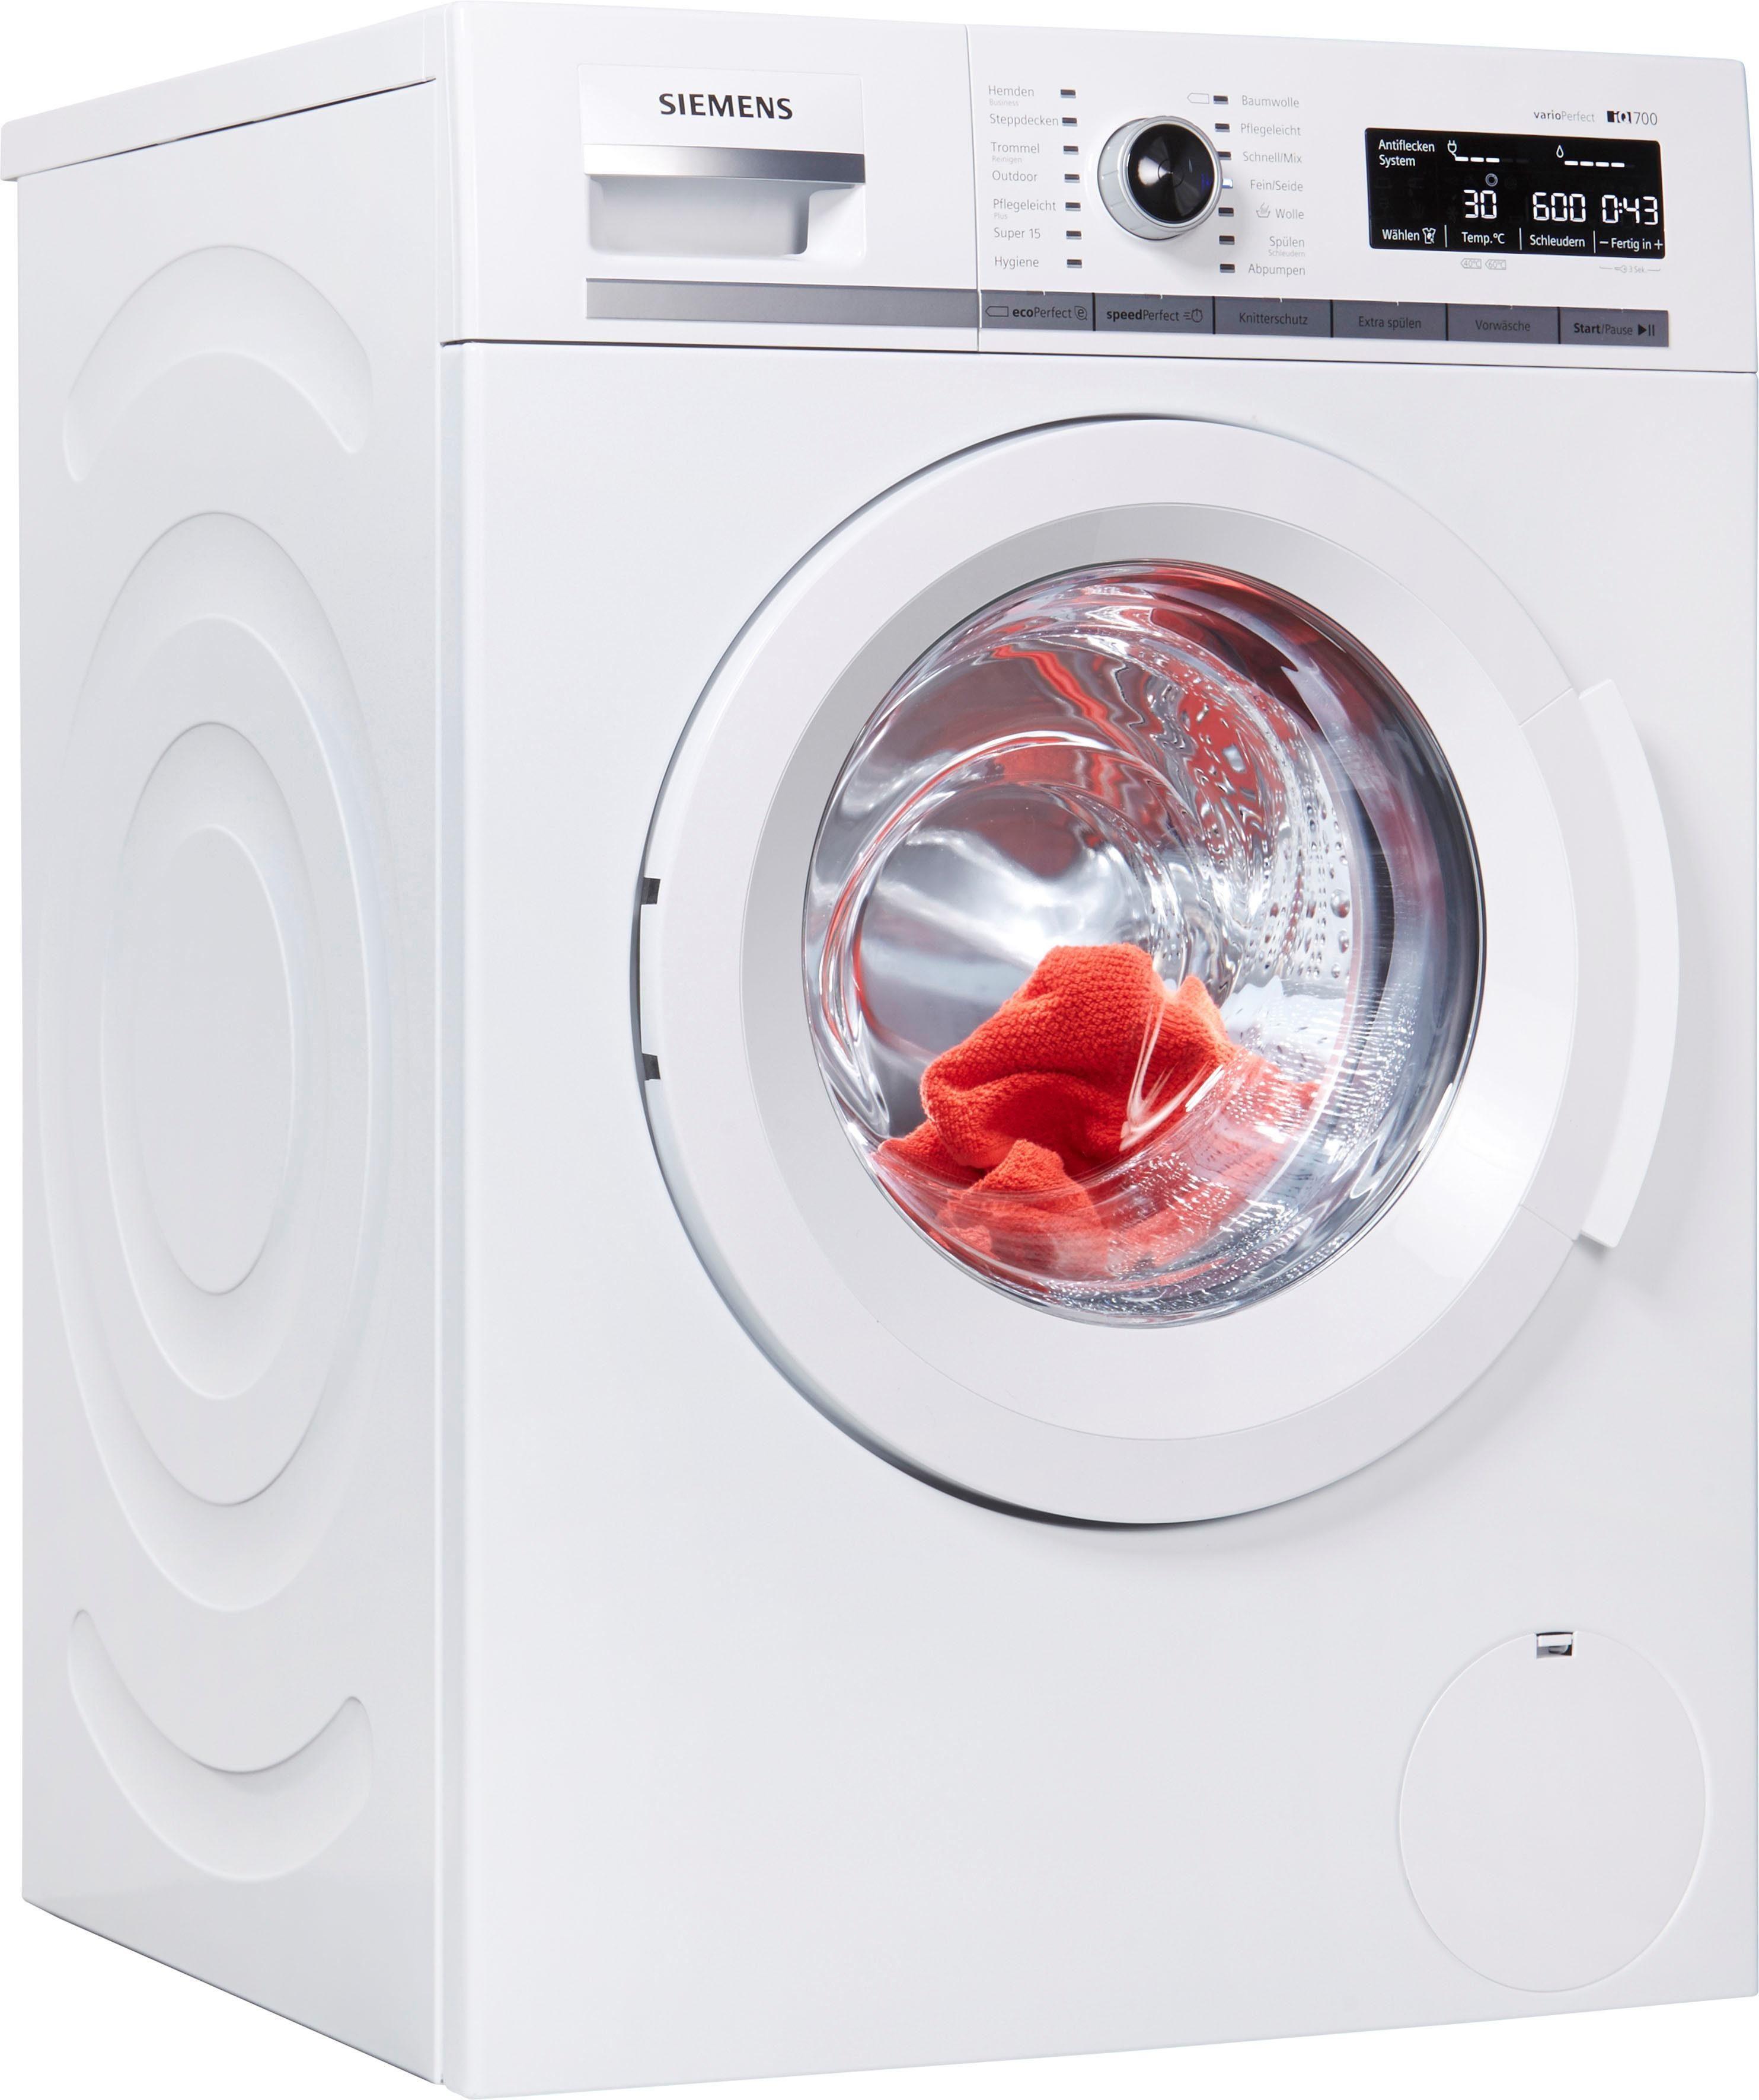 SIEMENS Waschmaschine iQ700 WM14W550